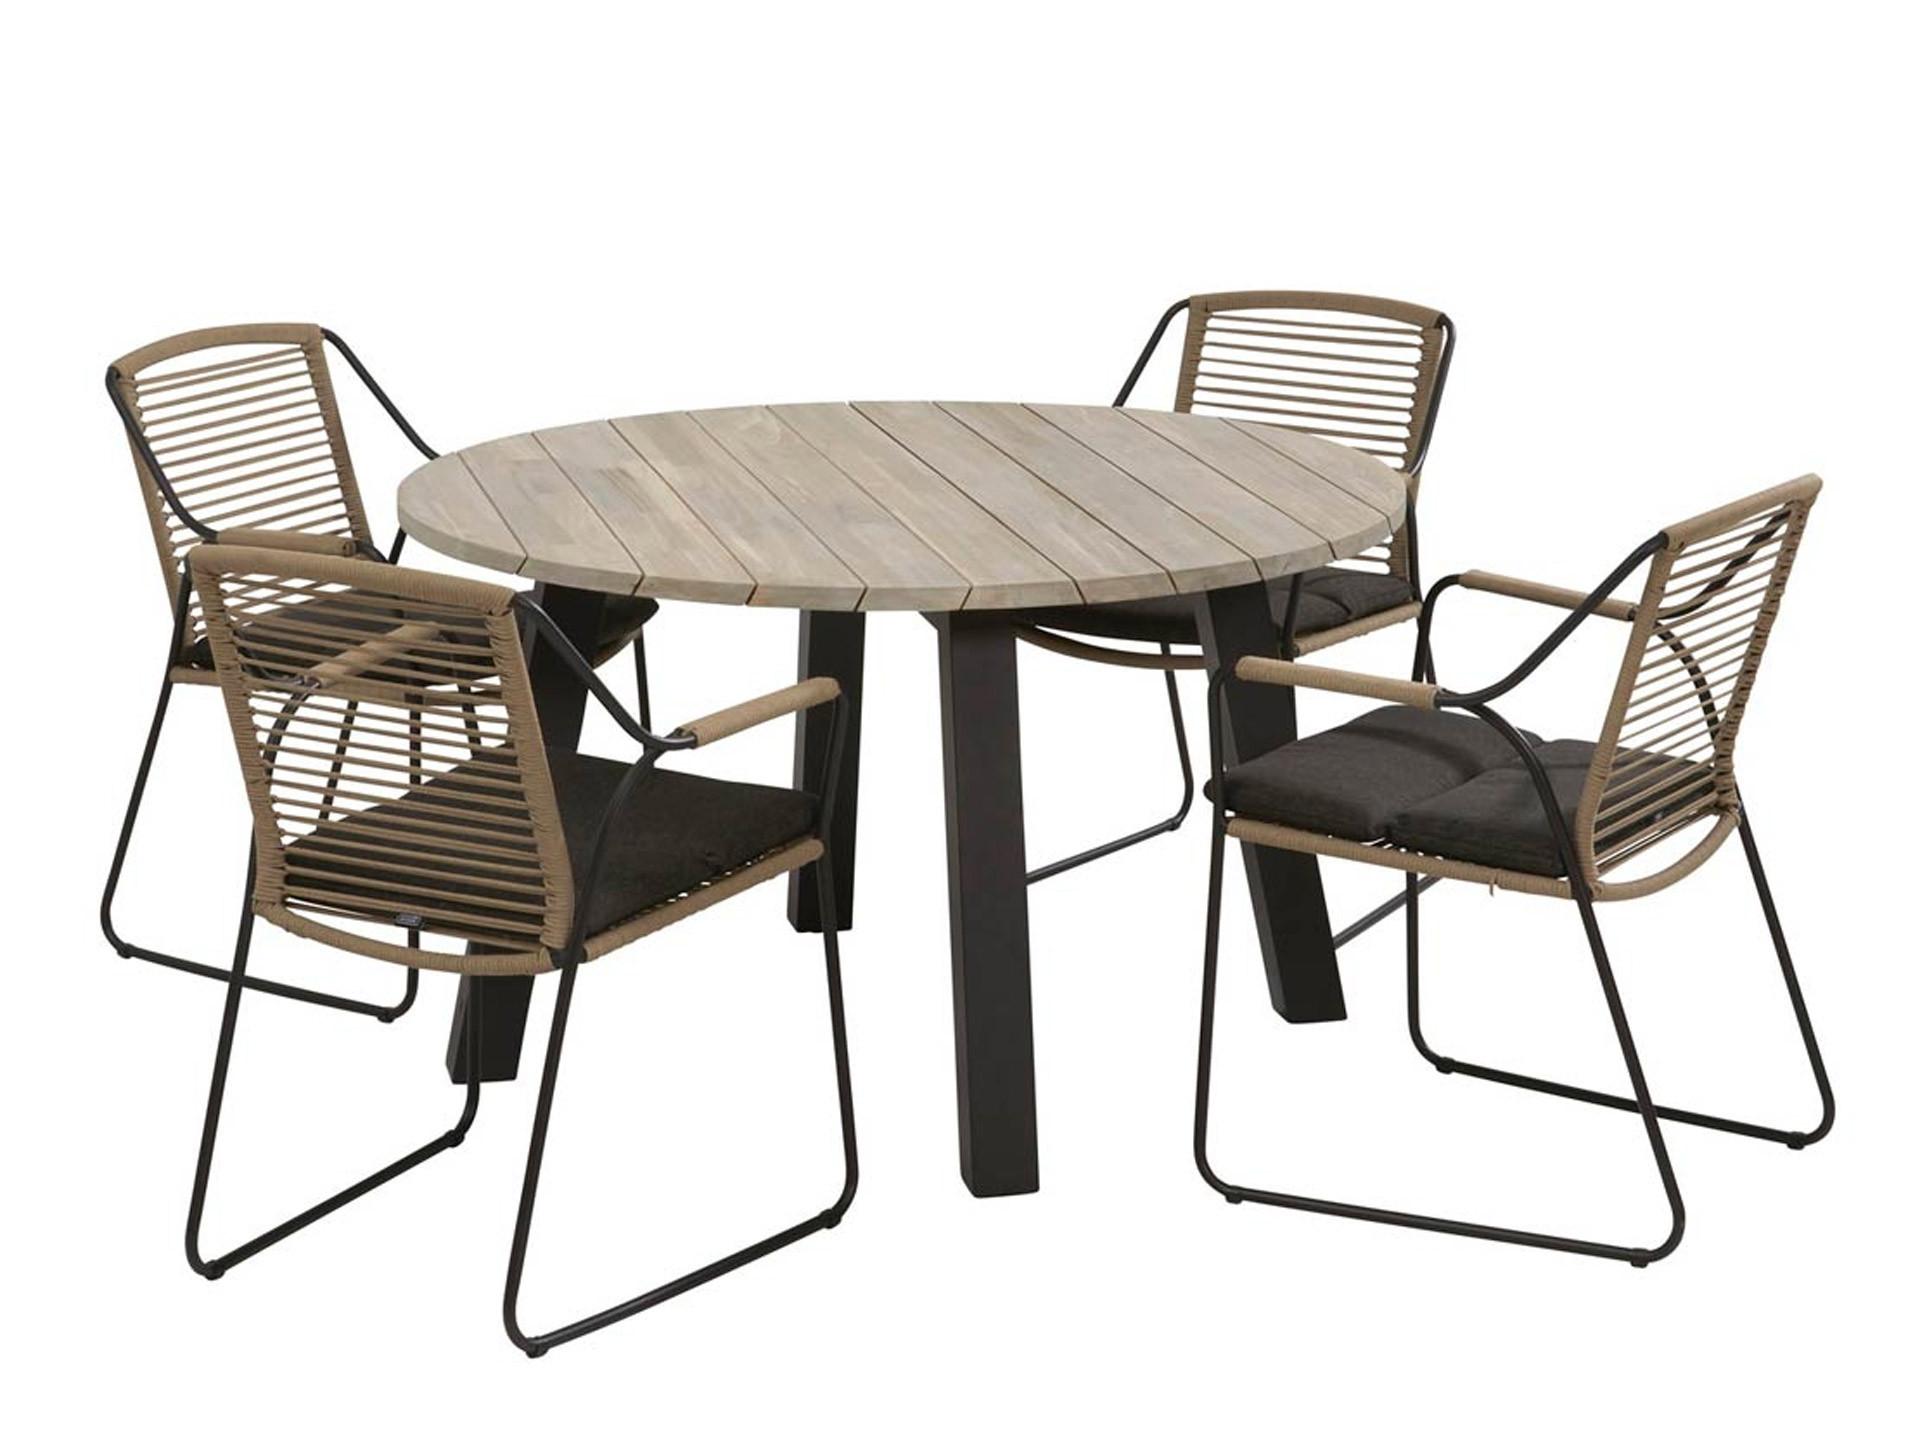 Derby teak aluminium tuintafel rond 130 cm met 4 Scandic dining tuinstoelen